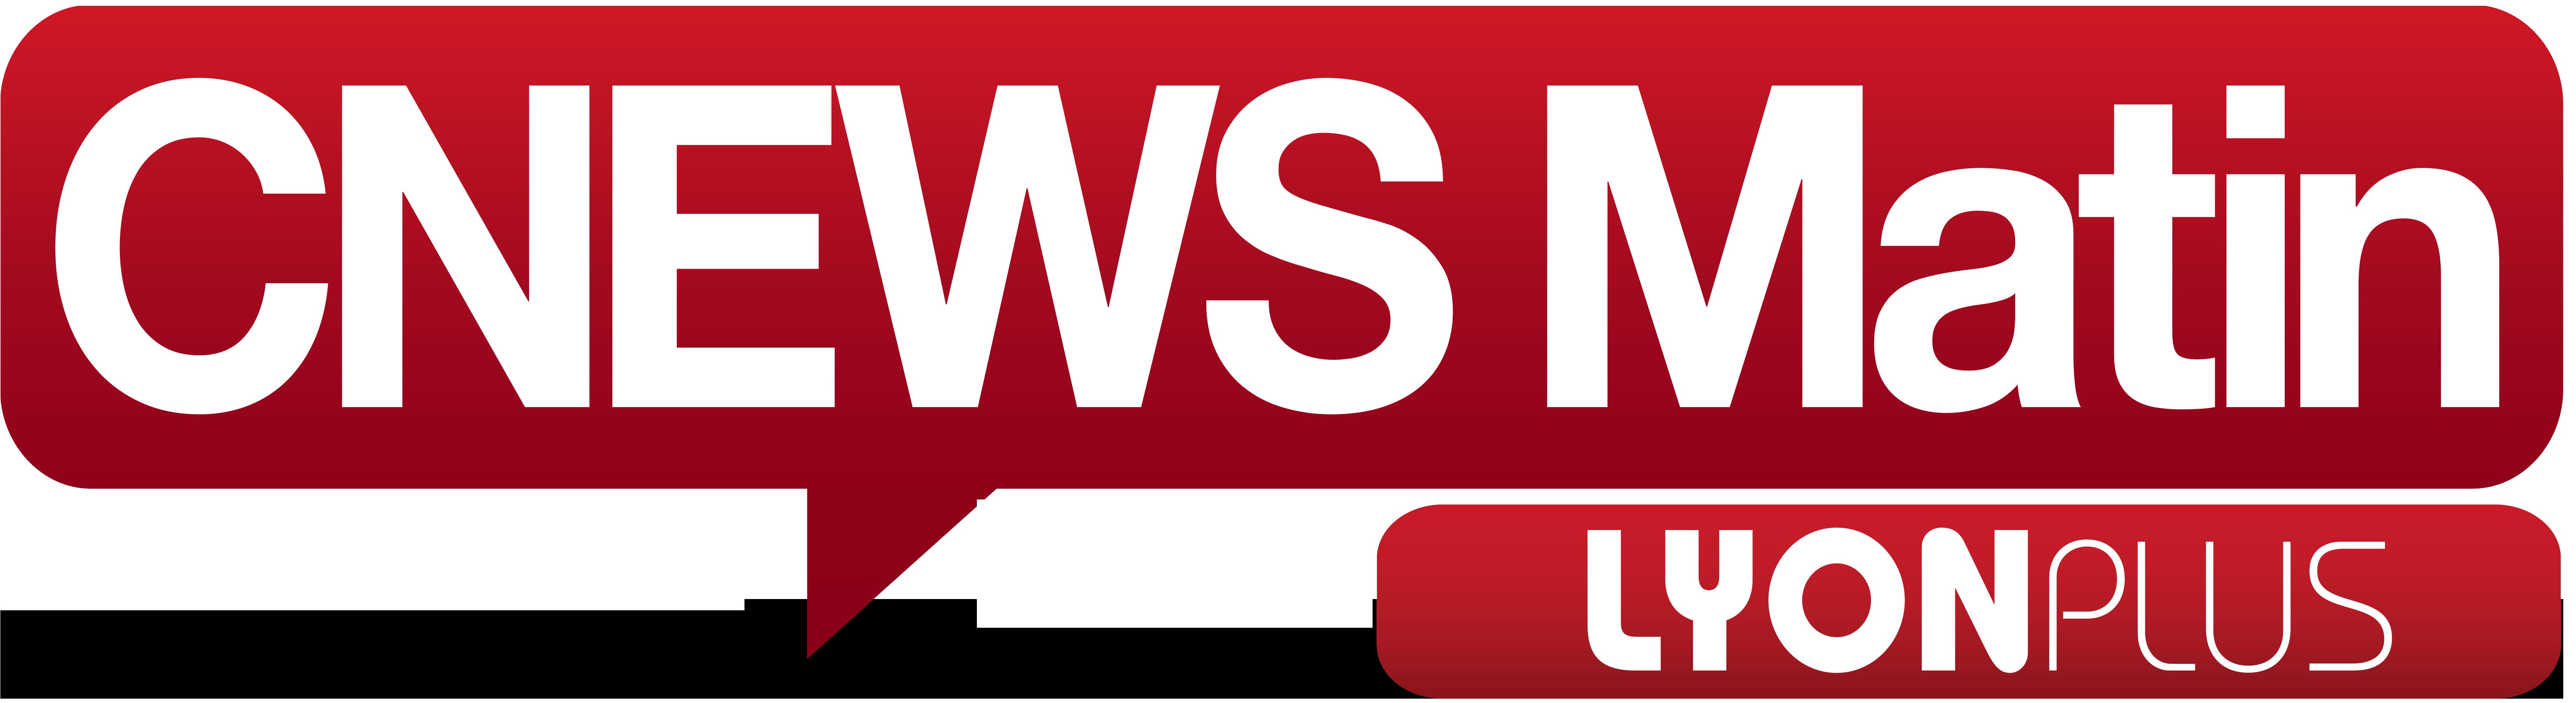 cnews matin / lyon plus 03/04/17